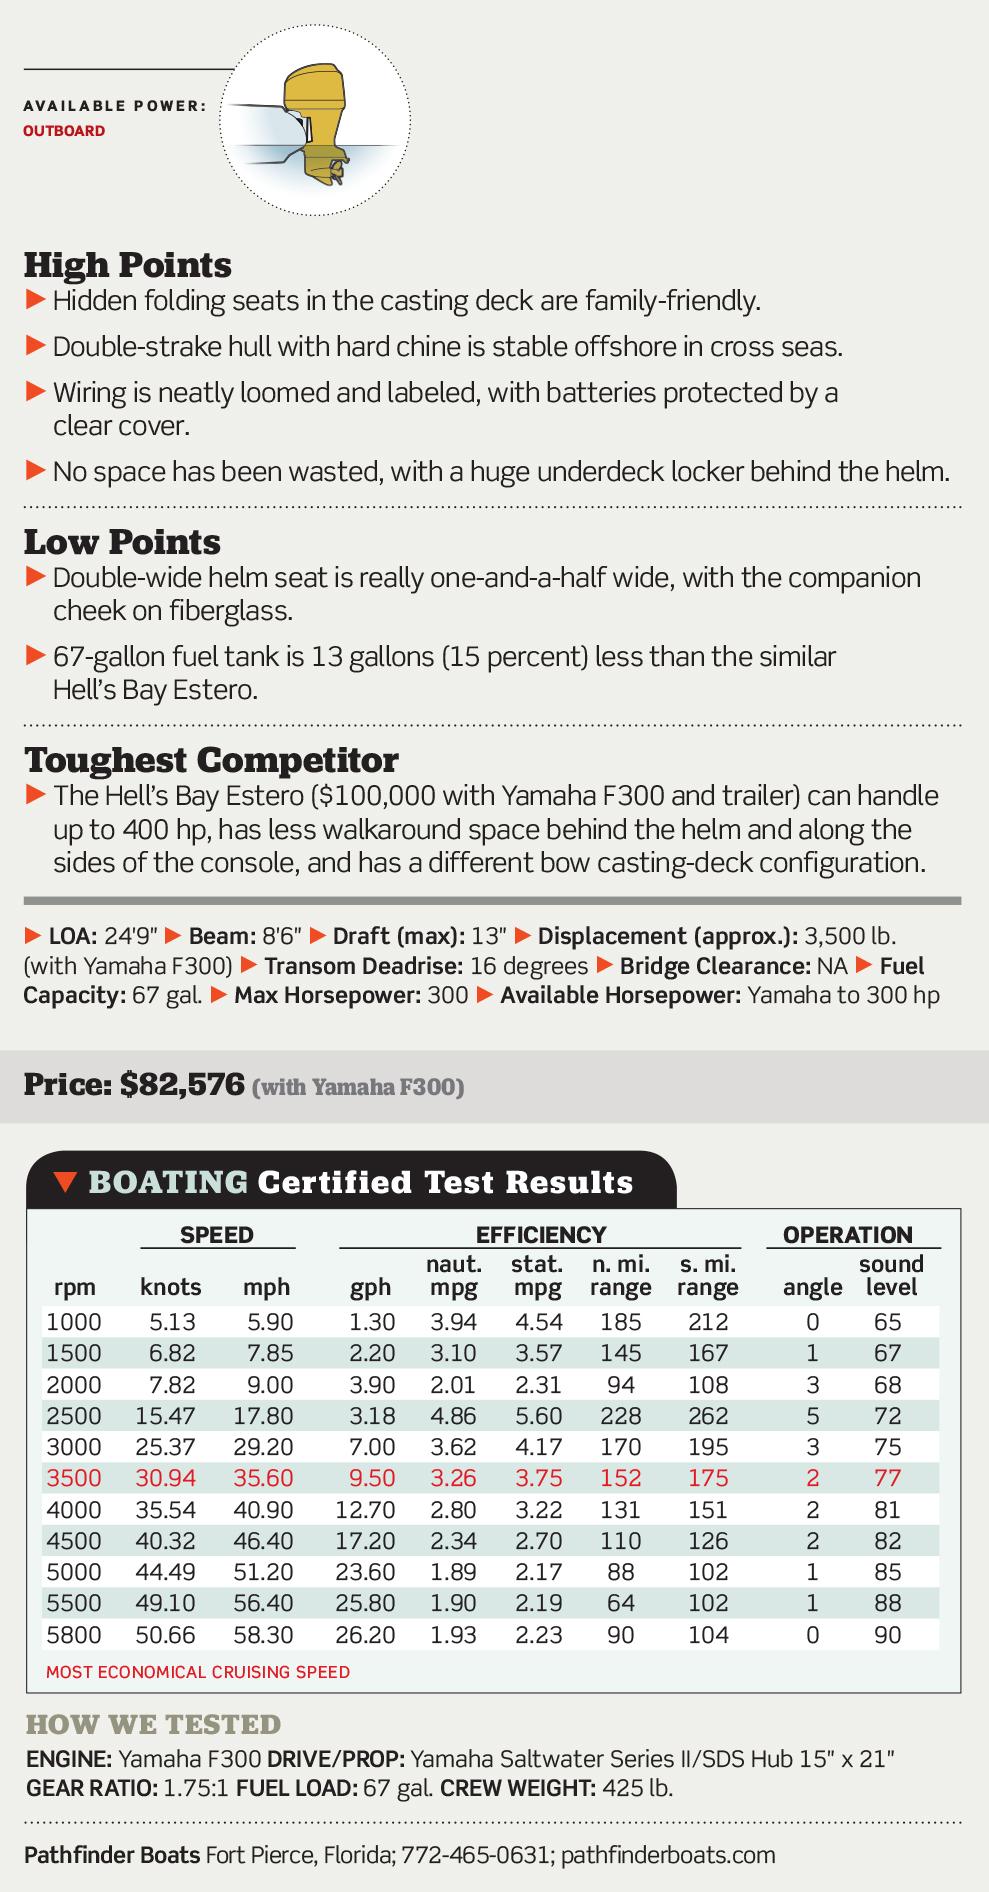 Pathfinder 2500 Hybrid | Boating Magazine